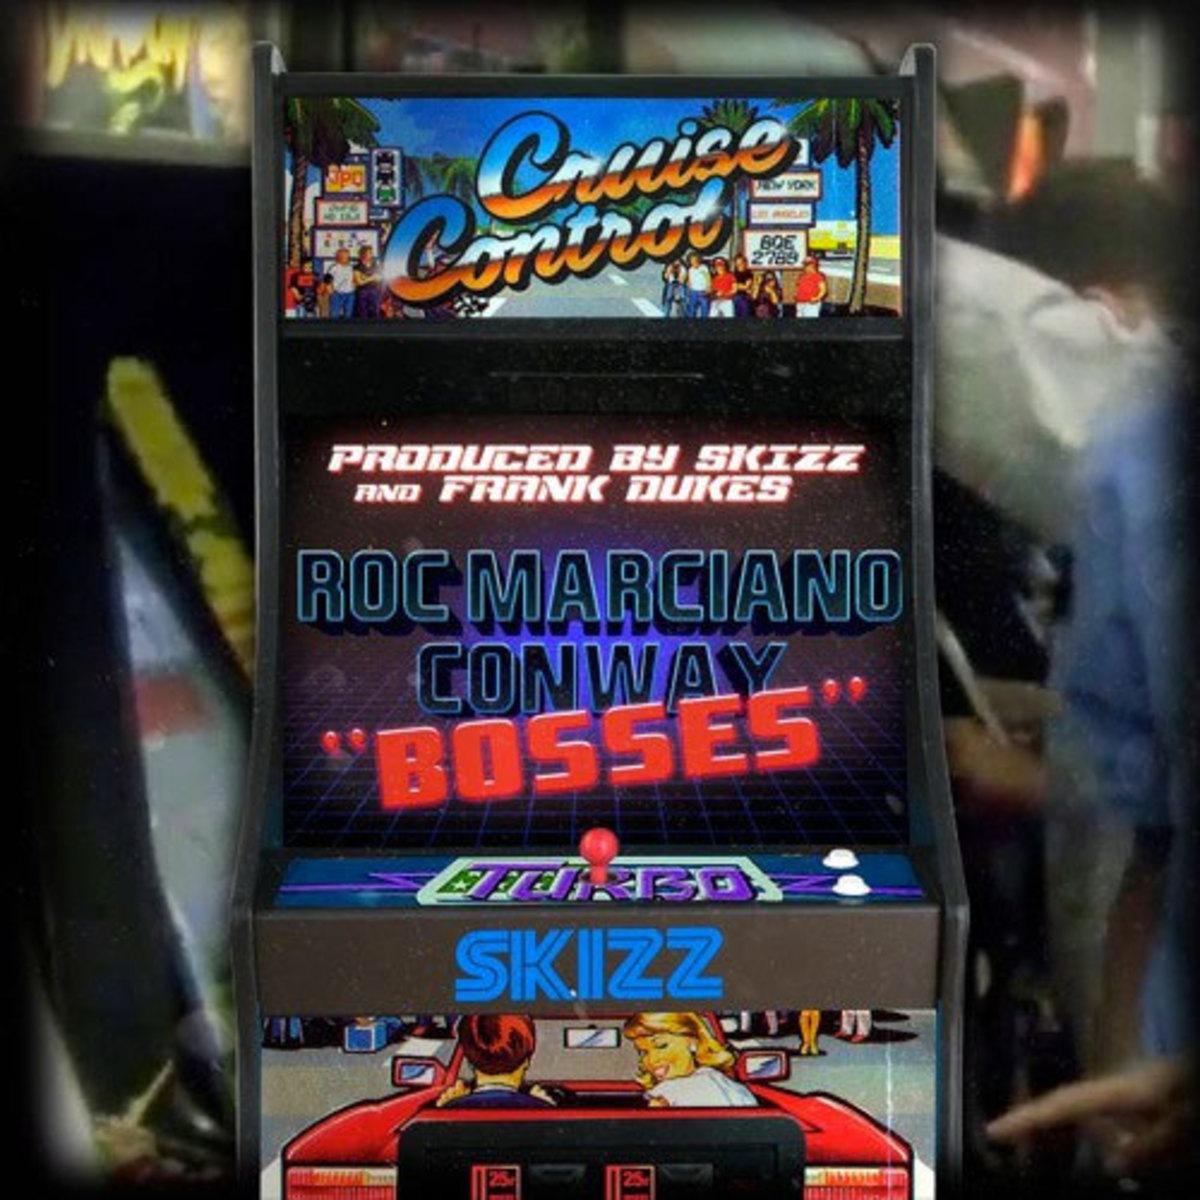 skizz-bosses.jpg